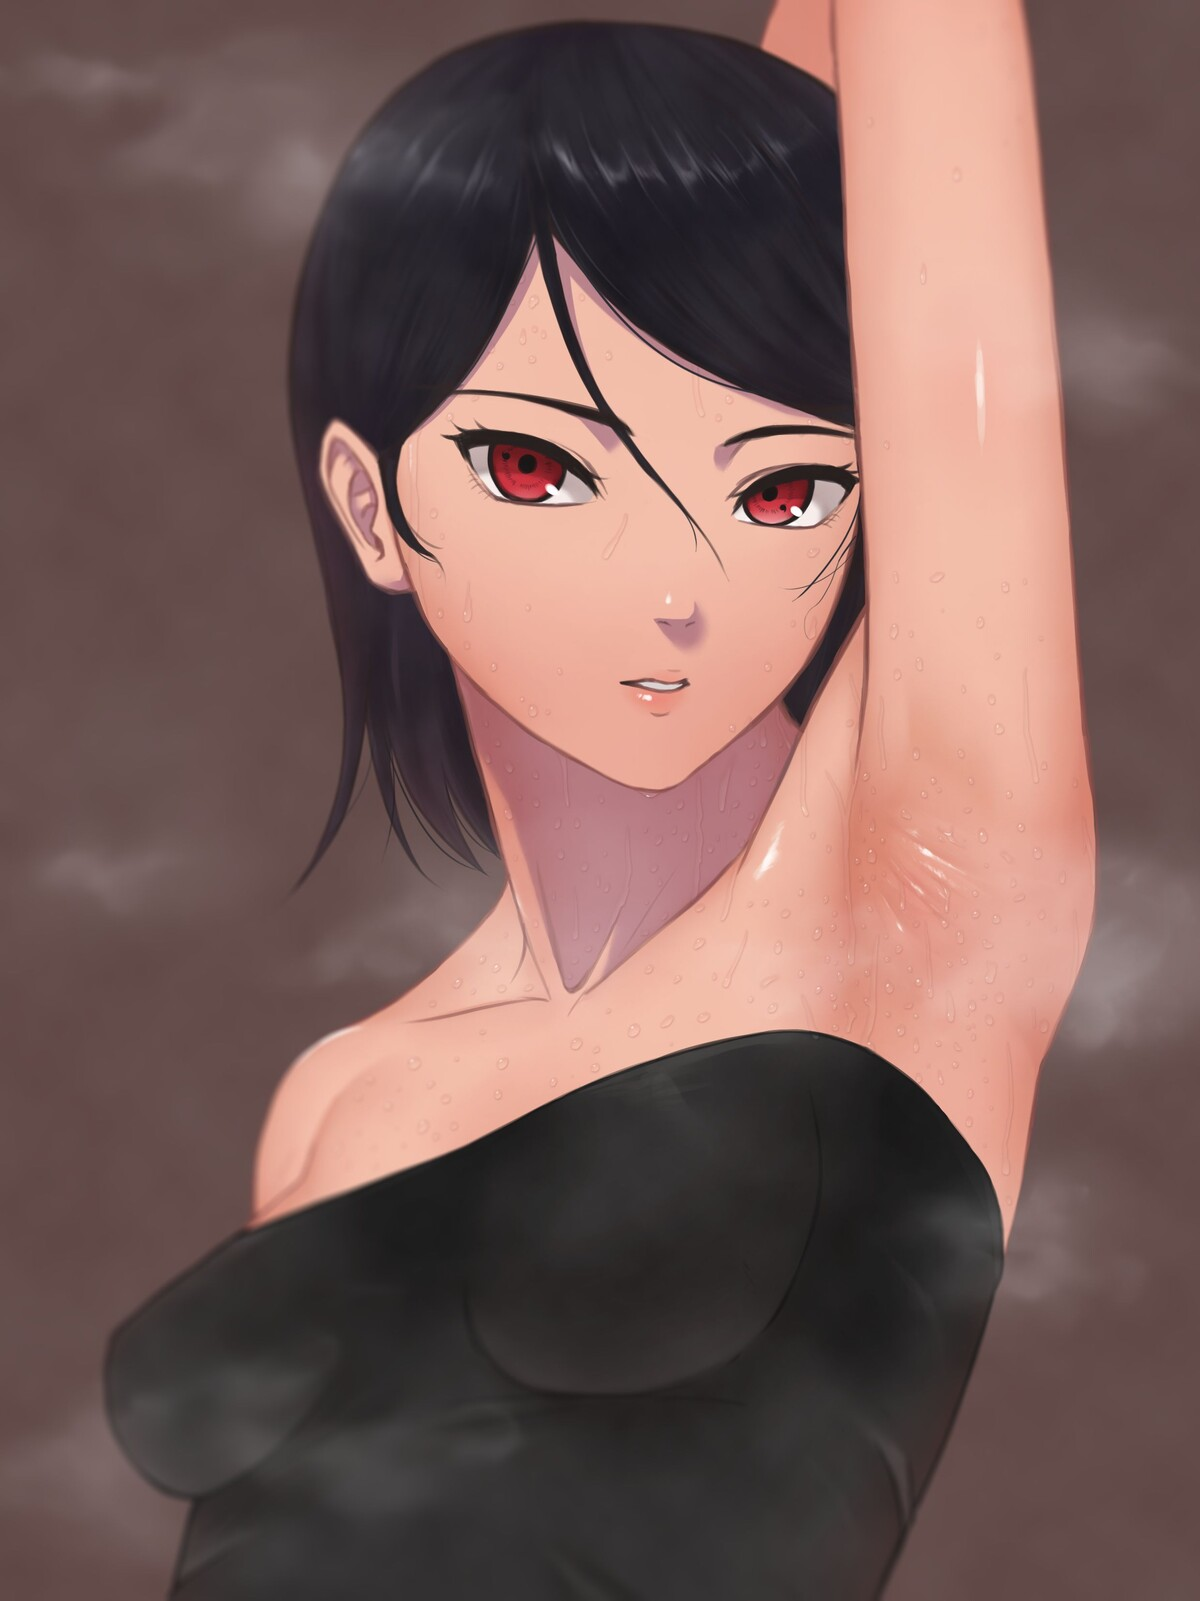 armpits steam097